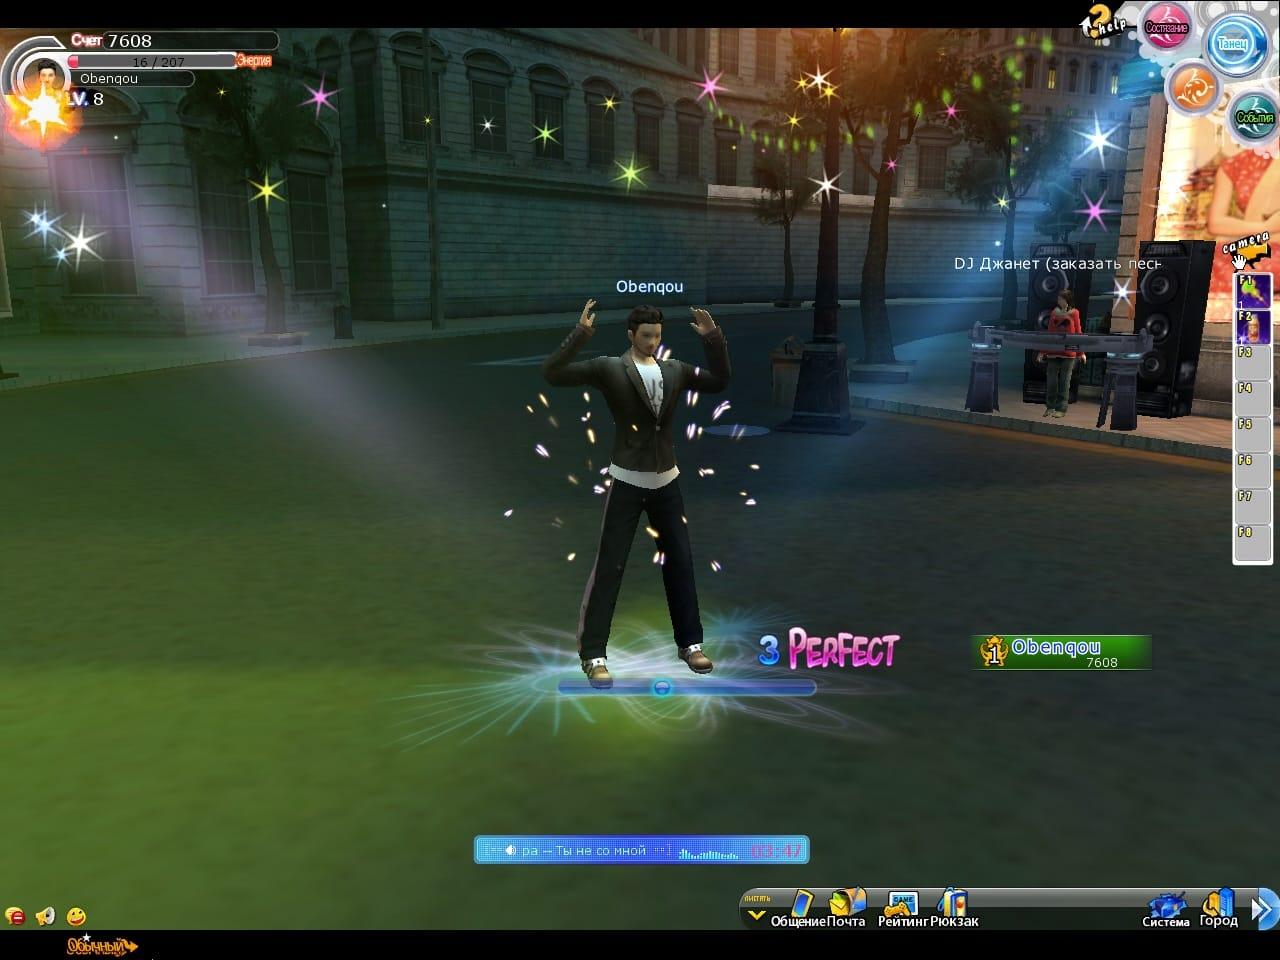 Скачать танцевальные игры на компьютер онлайн